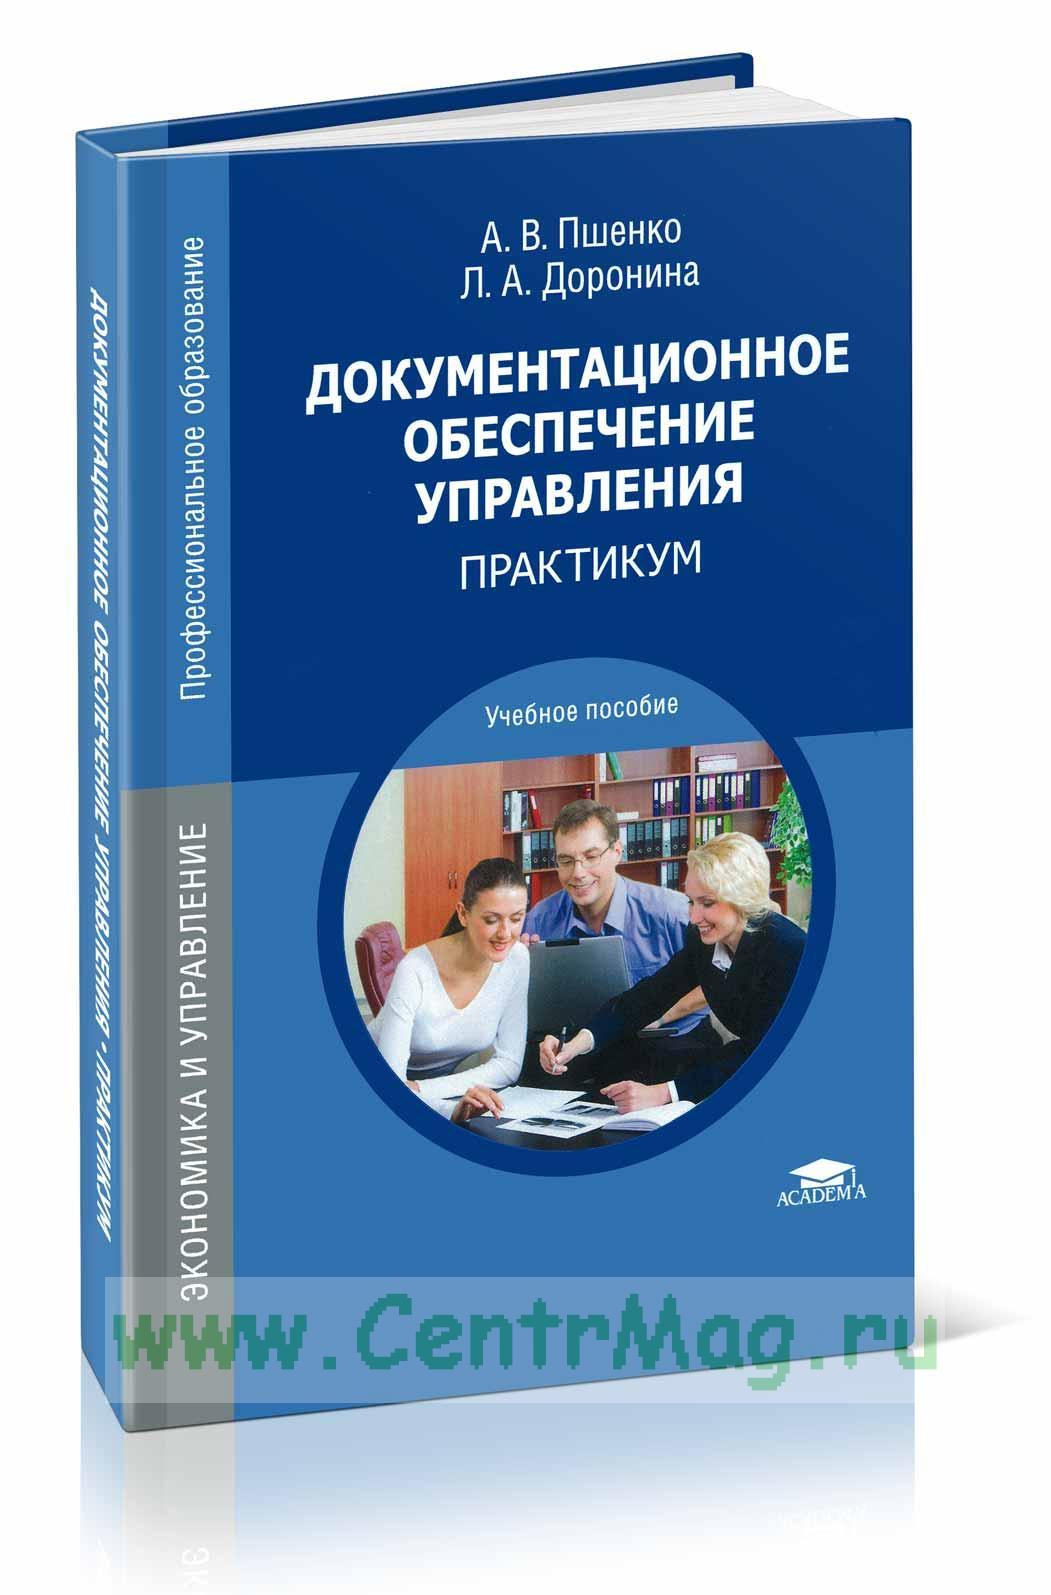 Документационное обеспечение управления. Практикум: учебное пособие (8-е издание, стереотиное)